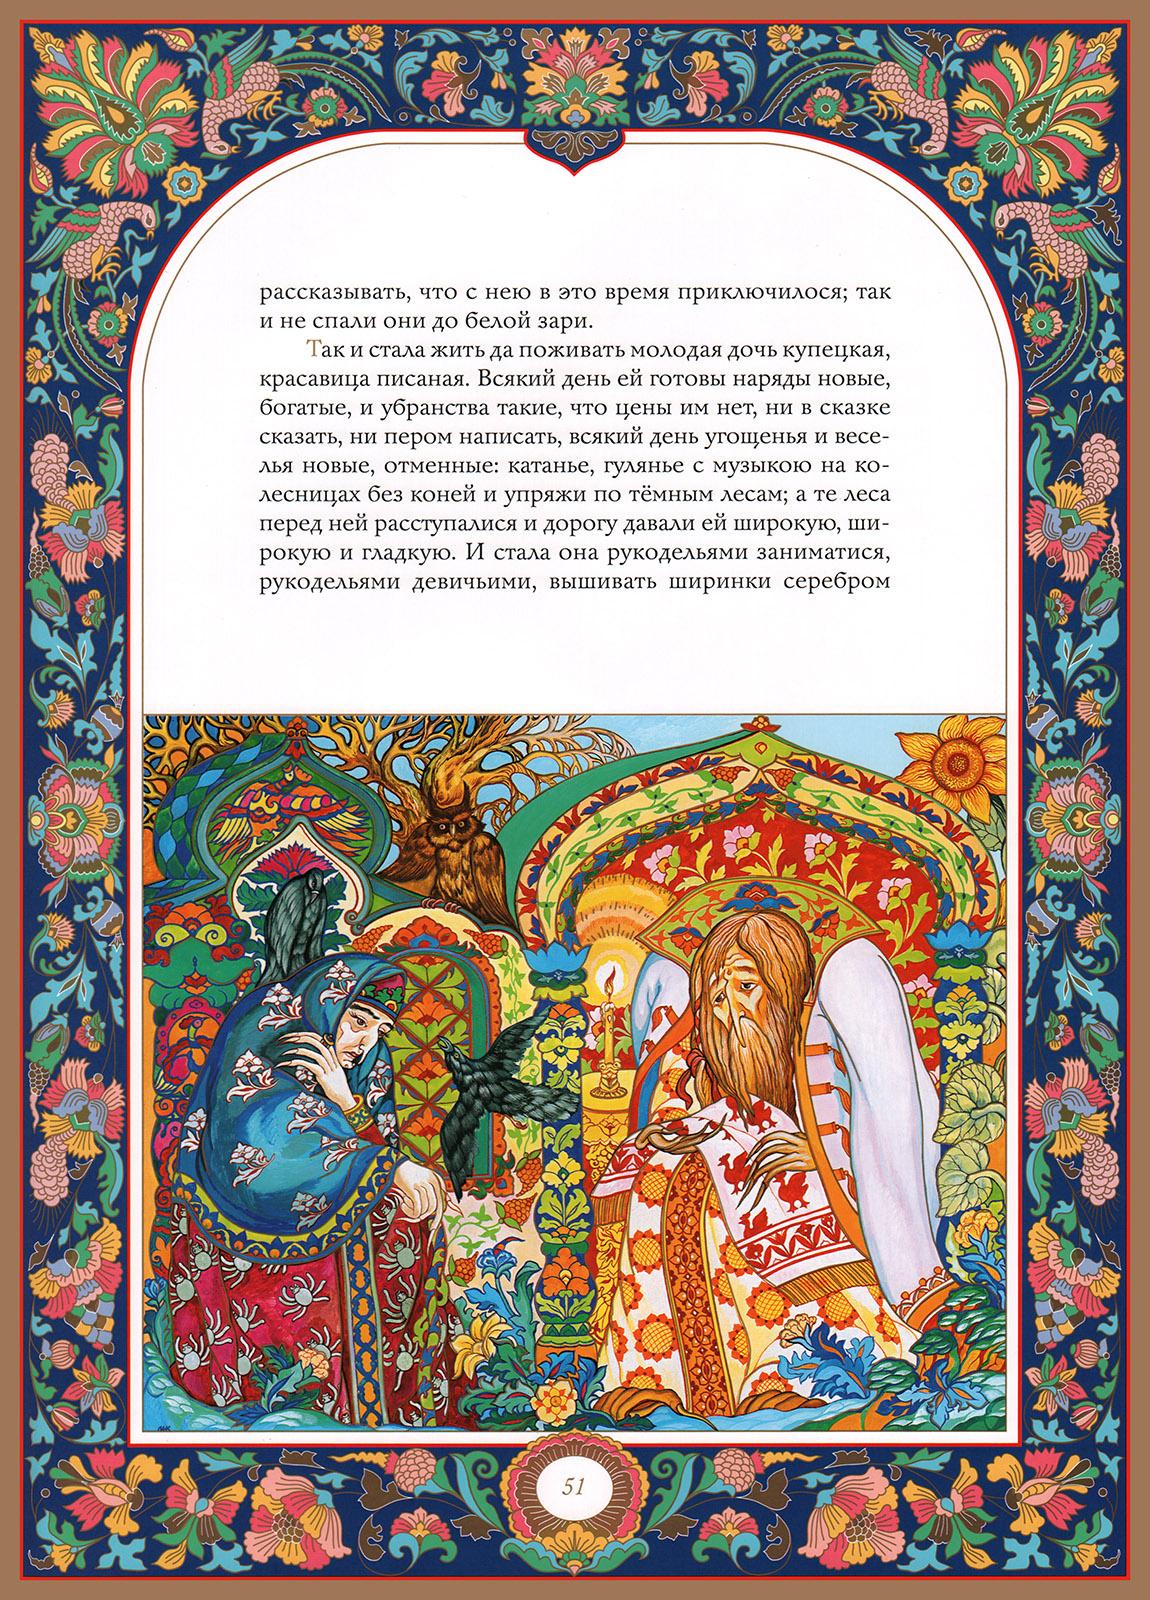 аленький цветочек аксаков картинки